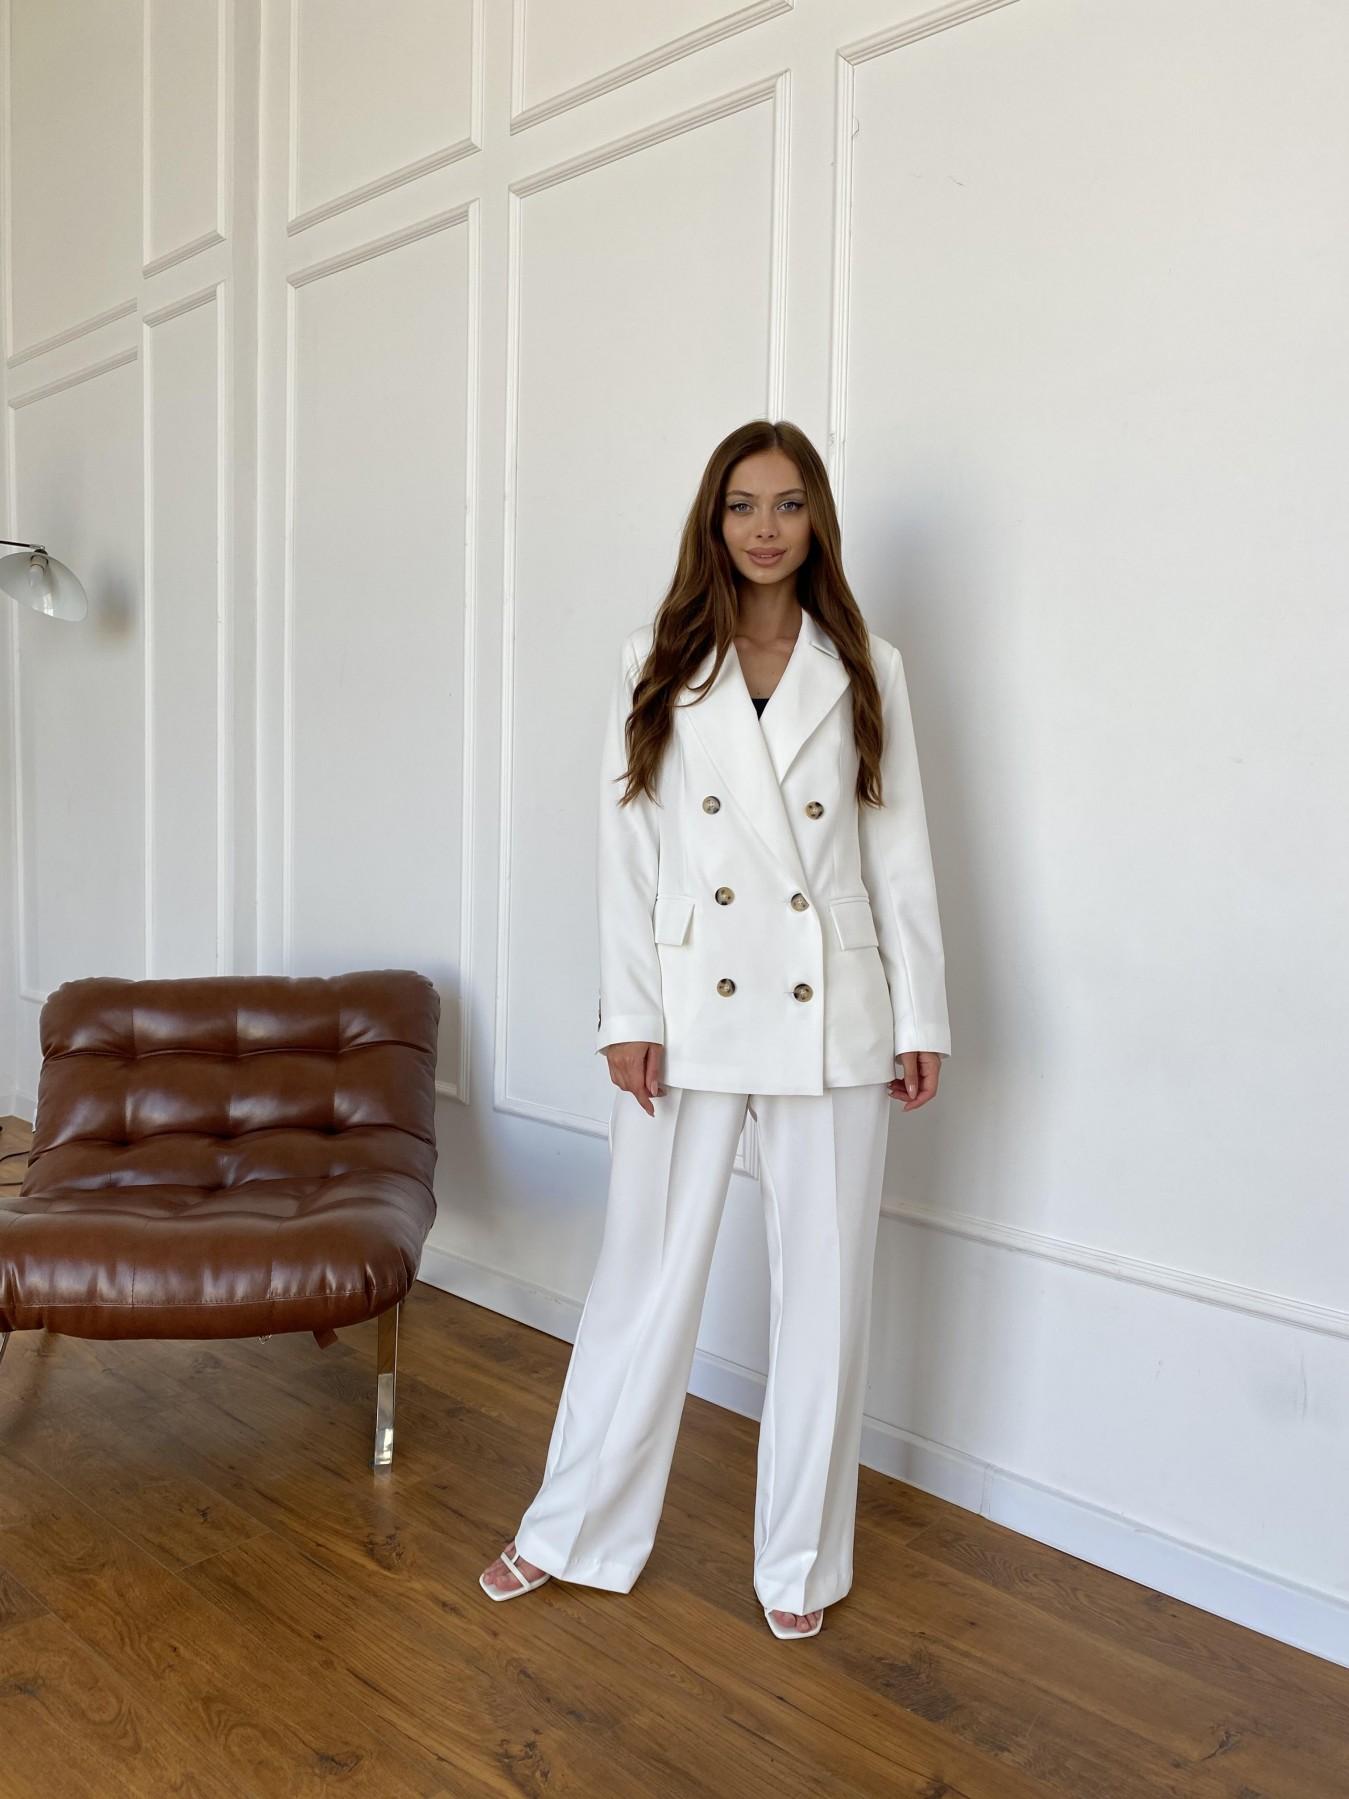 Белисимо  костюм стрейч из костюмной ткани 11217 АРТ. 47899 Цвет: Молоко 1 - фото 9, интернет магазин tm-modus.ru